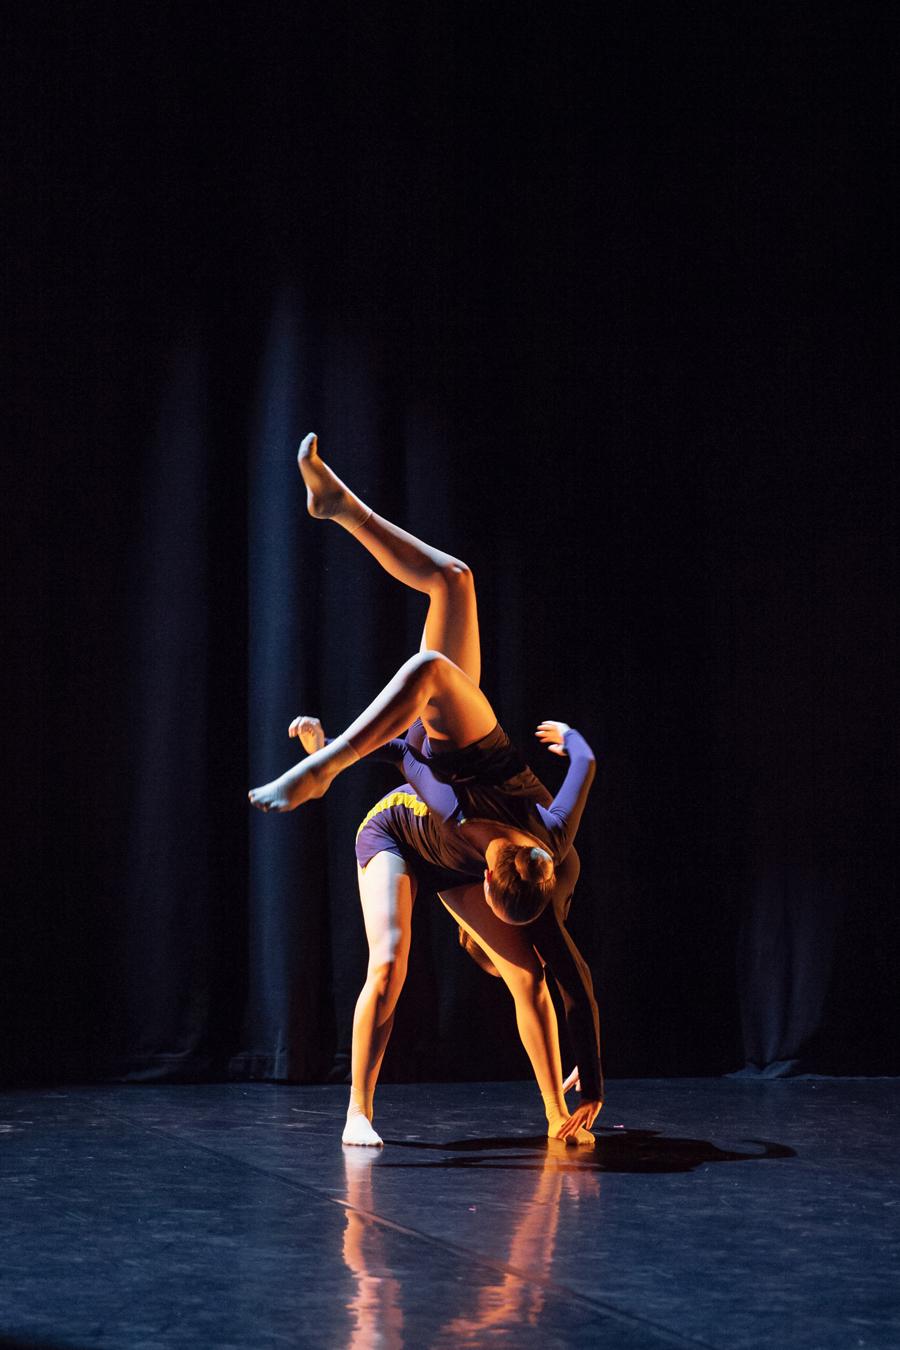 Renato_Zanette_fotografo_Vittorio_Veneto_Dance_Up_Saggio_Scuola_Di_Danza